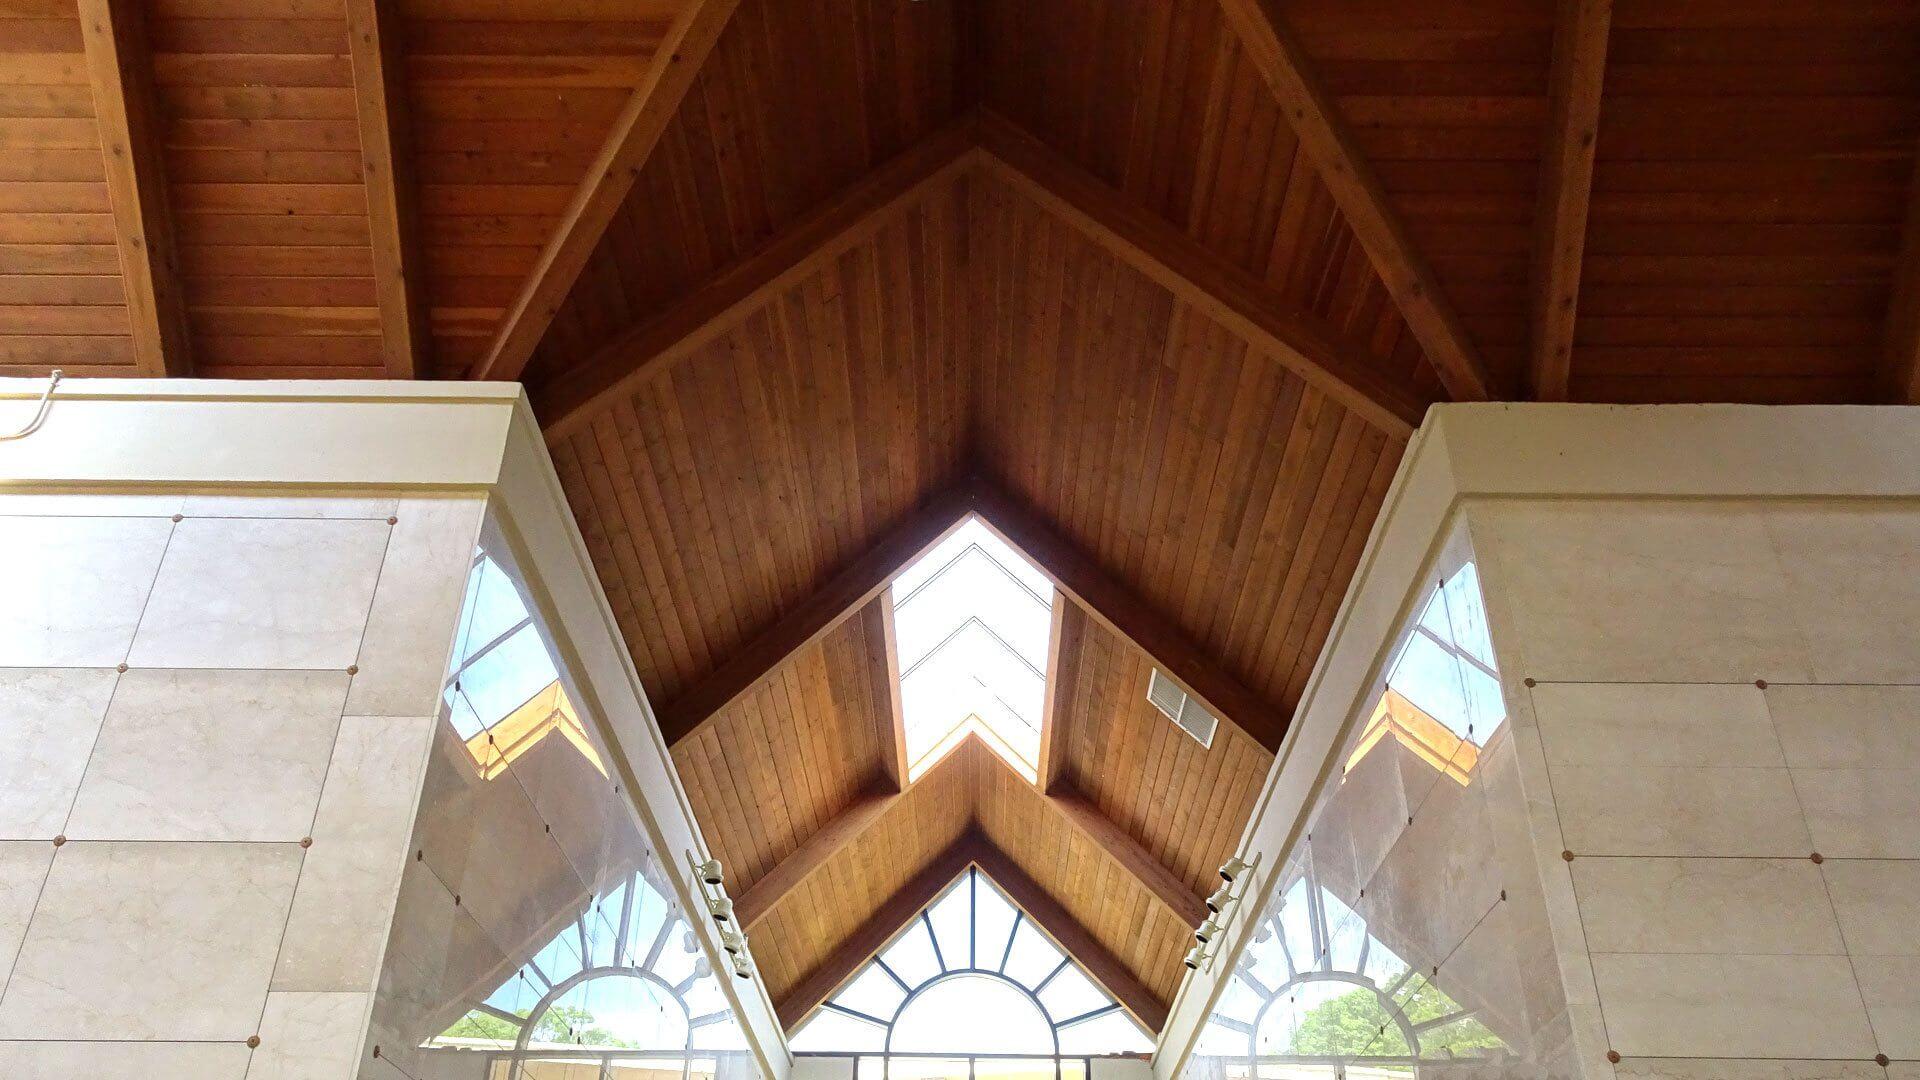 mausoleum high wooden cieling